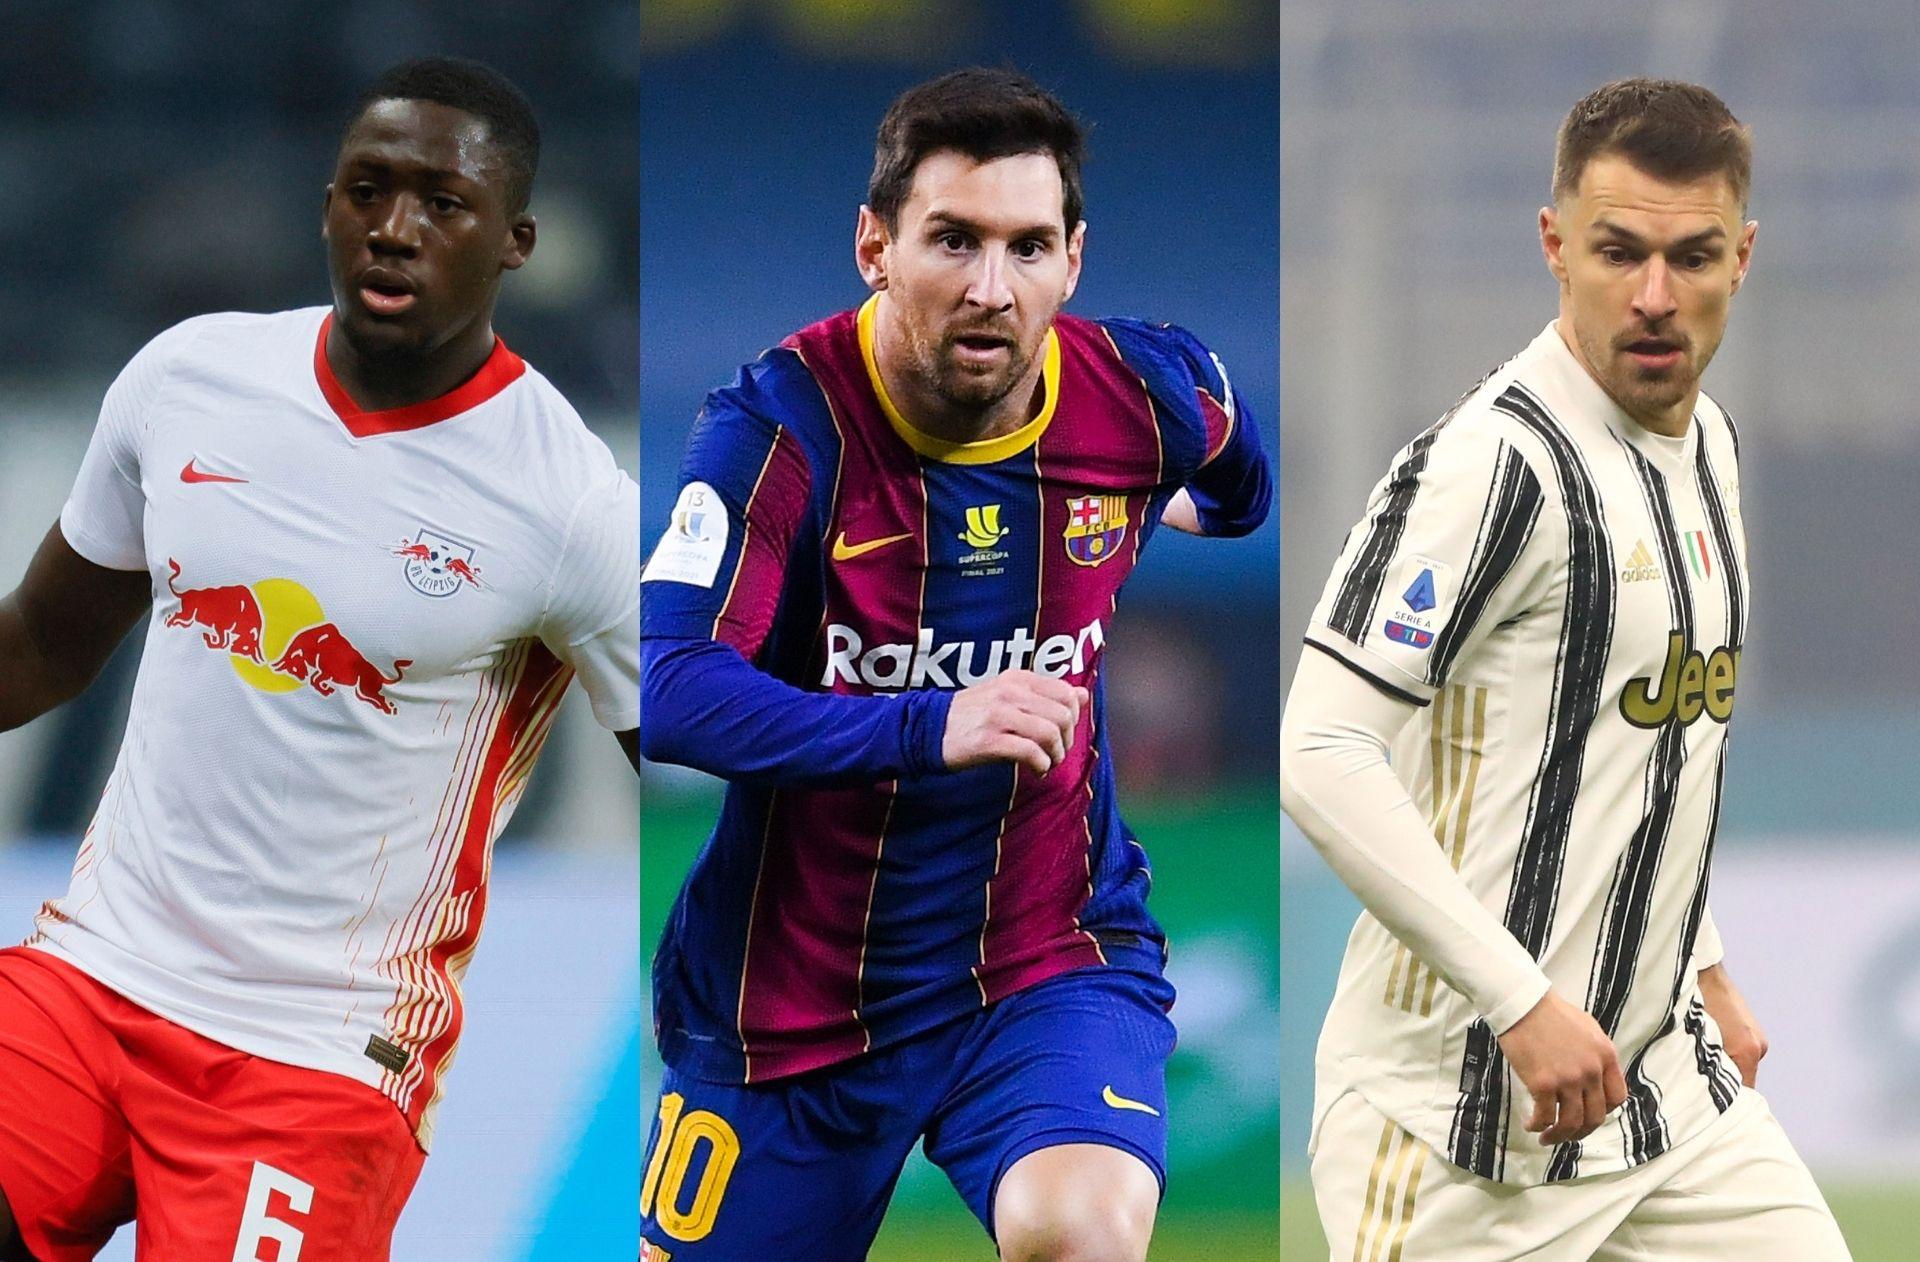 Ibrahima Konate of RB Leipzig, Lionel Messi of FC Barcelona, Aaron Ramsey of Juventus